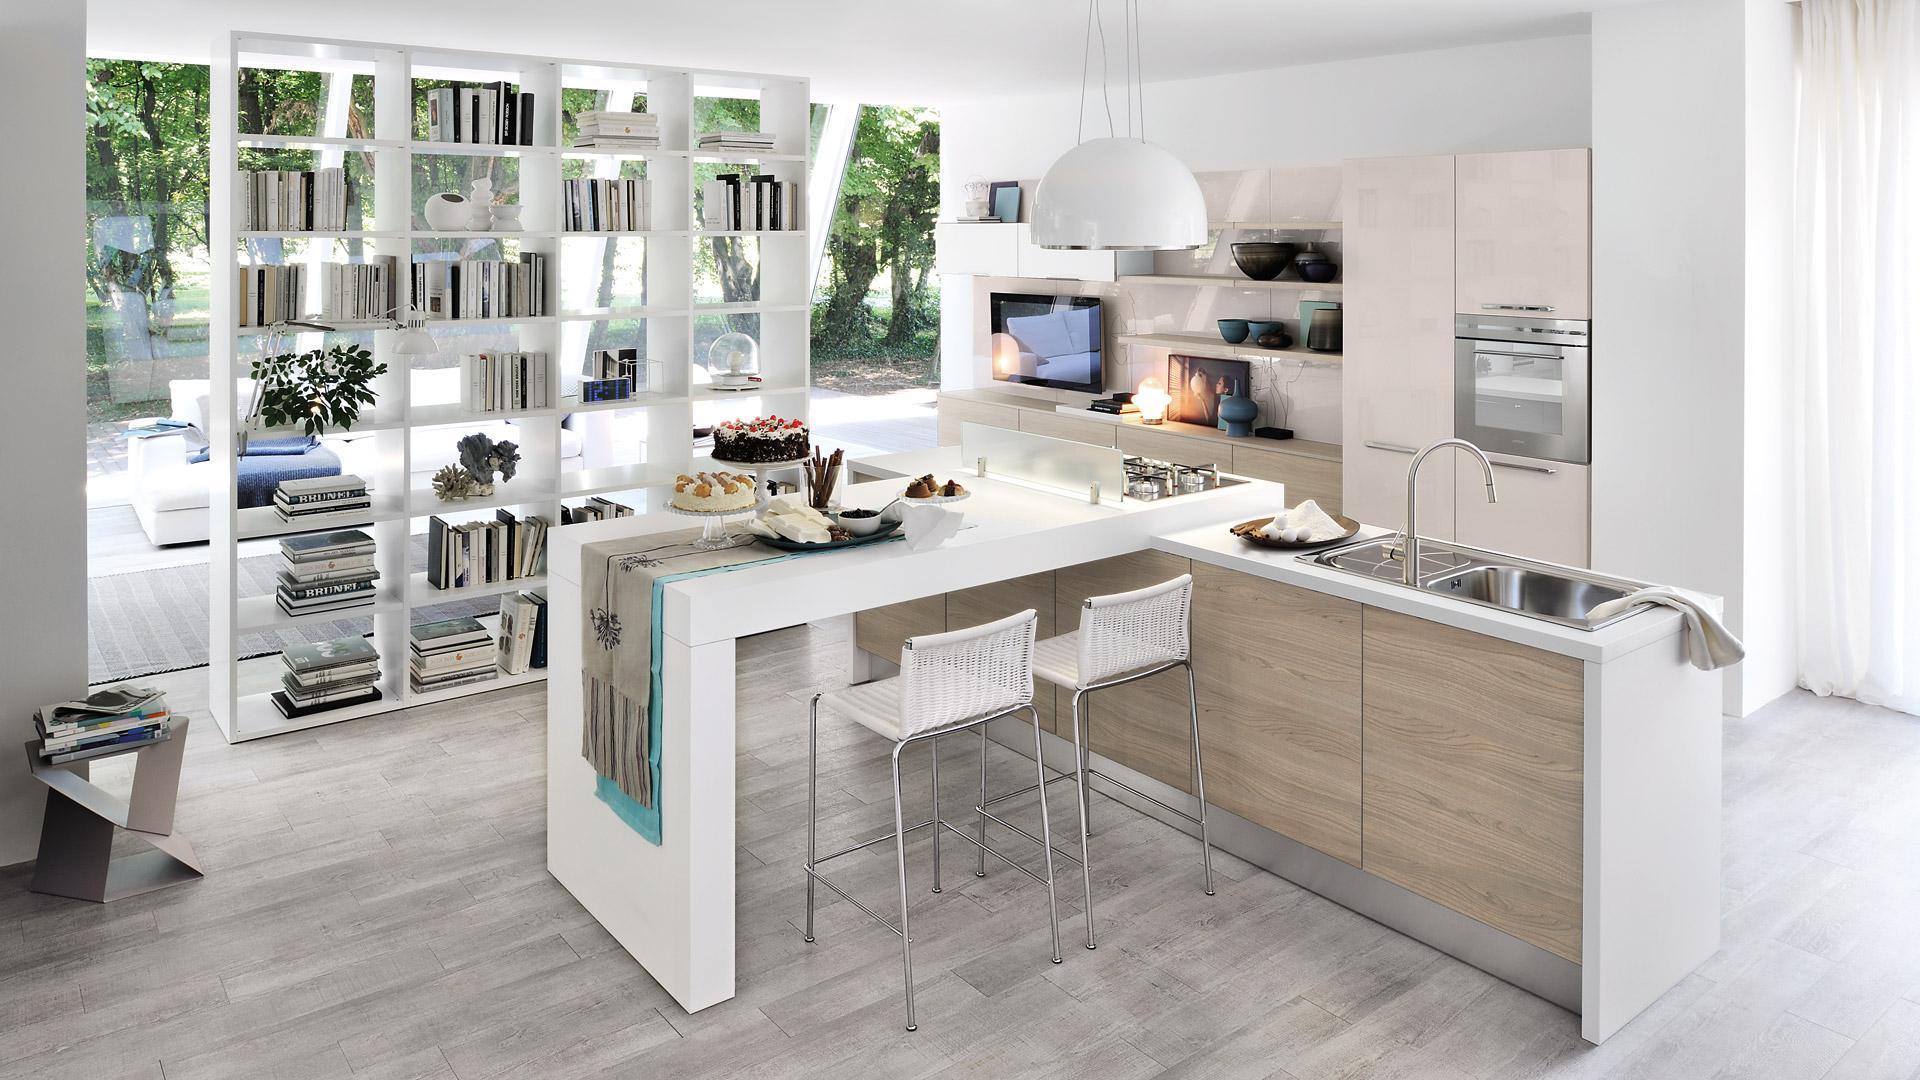 Cucine moderne lube cappelle dei marsi avezzano arredamenti d 39 andrea - Cucine piccoli spazi ...